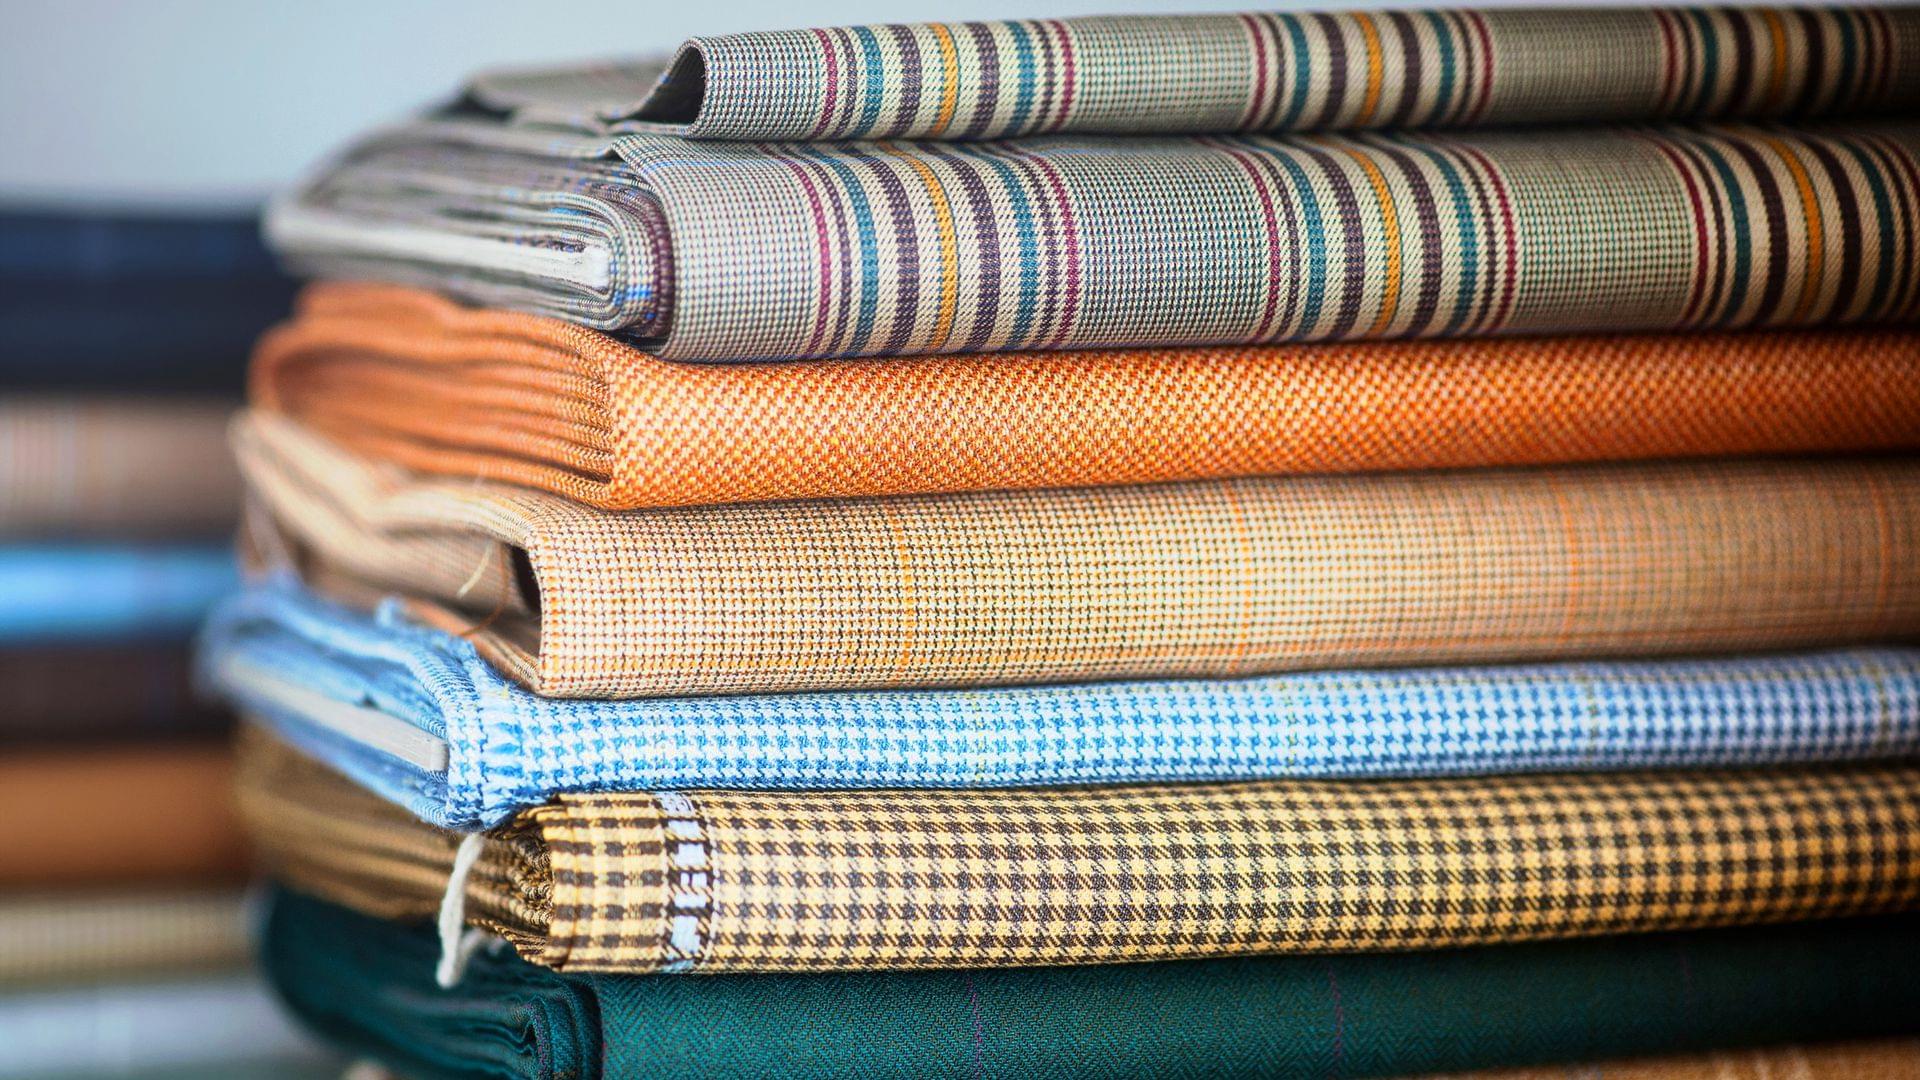 Modne ubrania Sprzedaż Tkanin i Dzianin, 2019 WV11